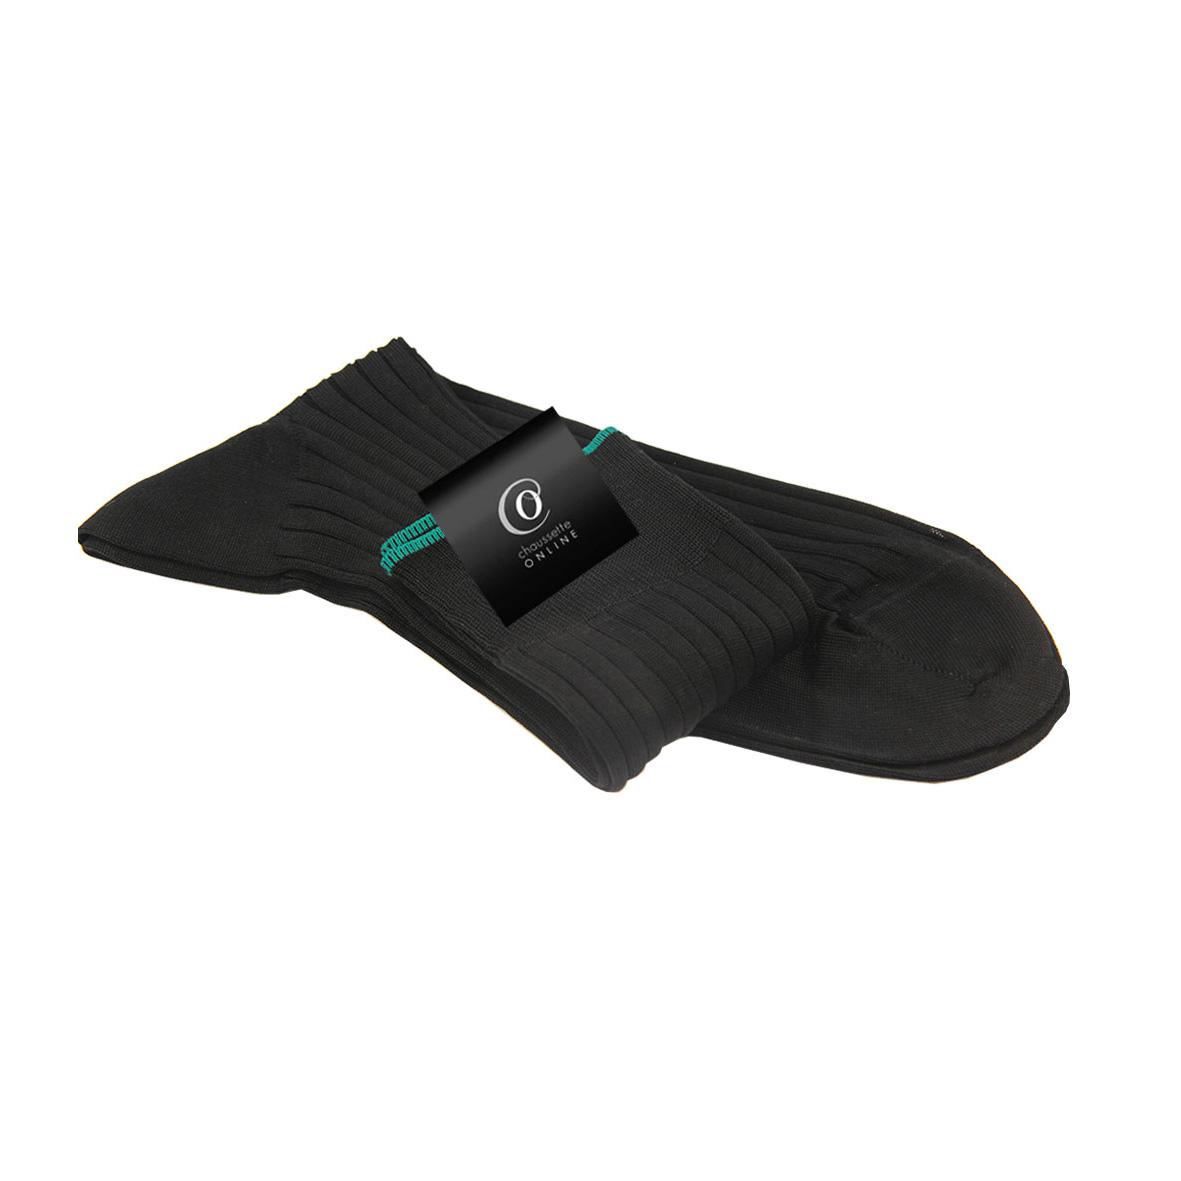 Chaussette noir bord vert, Vasco